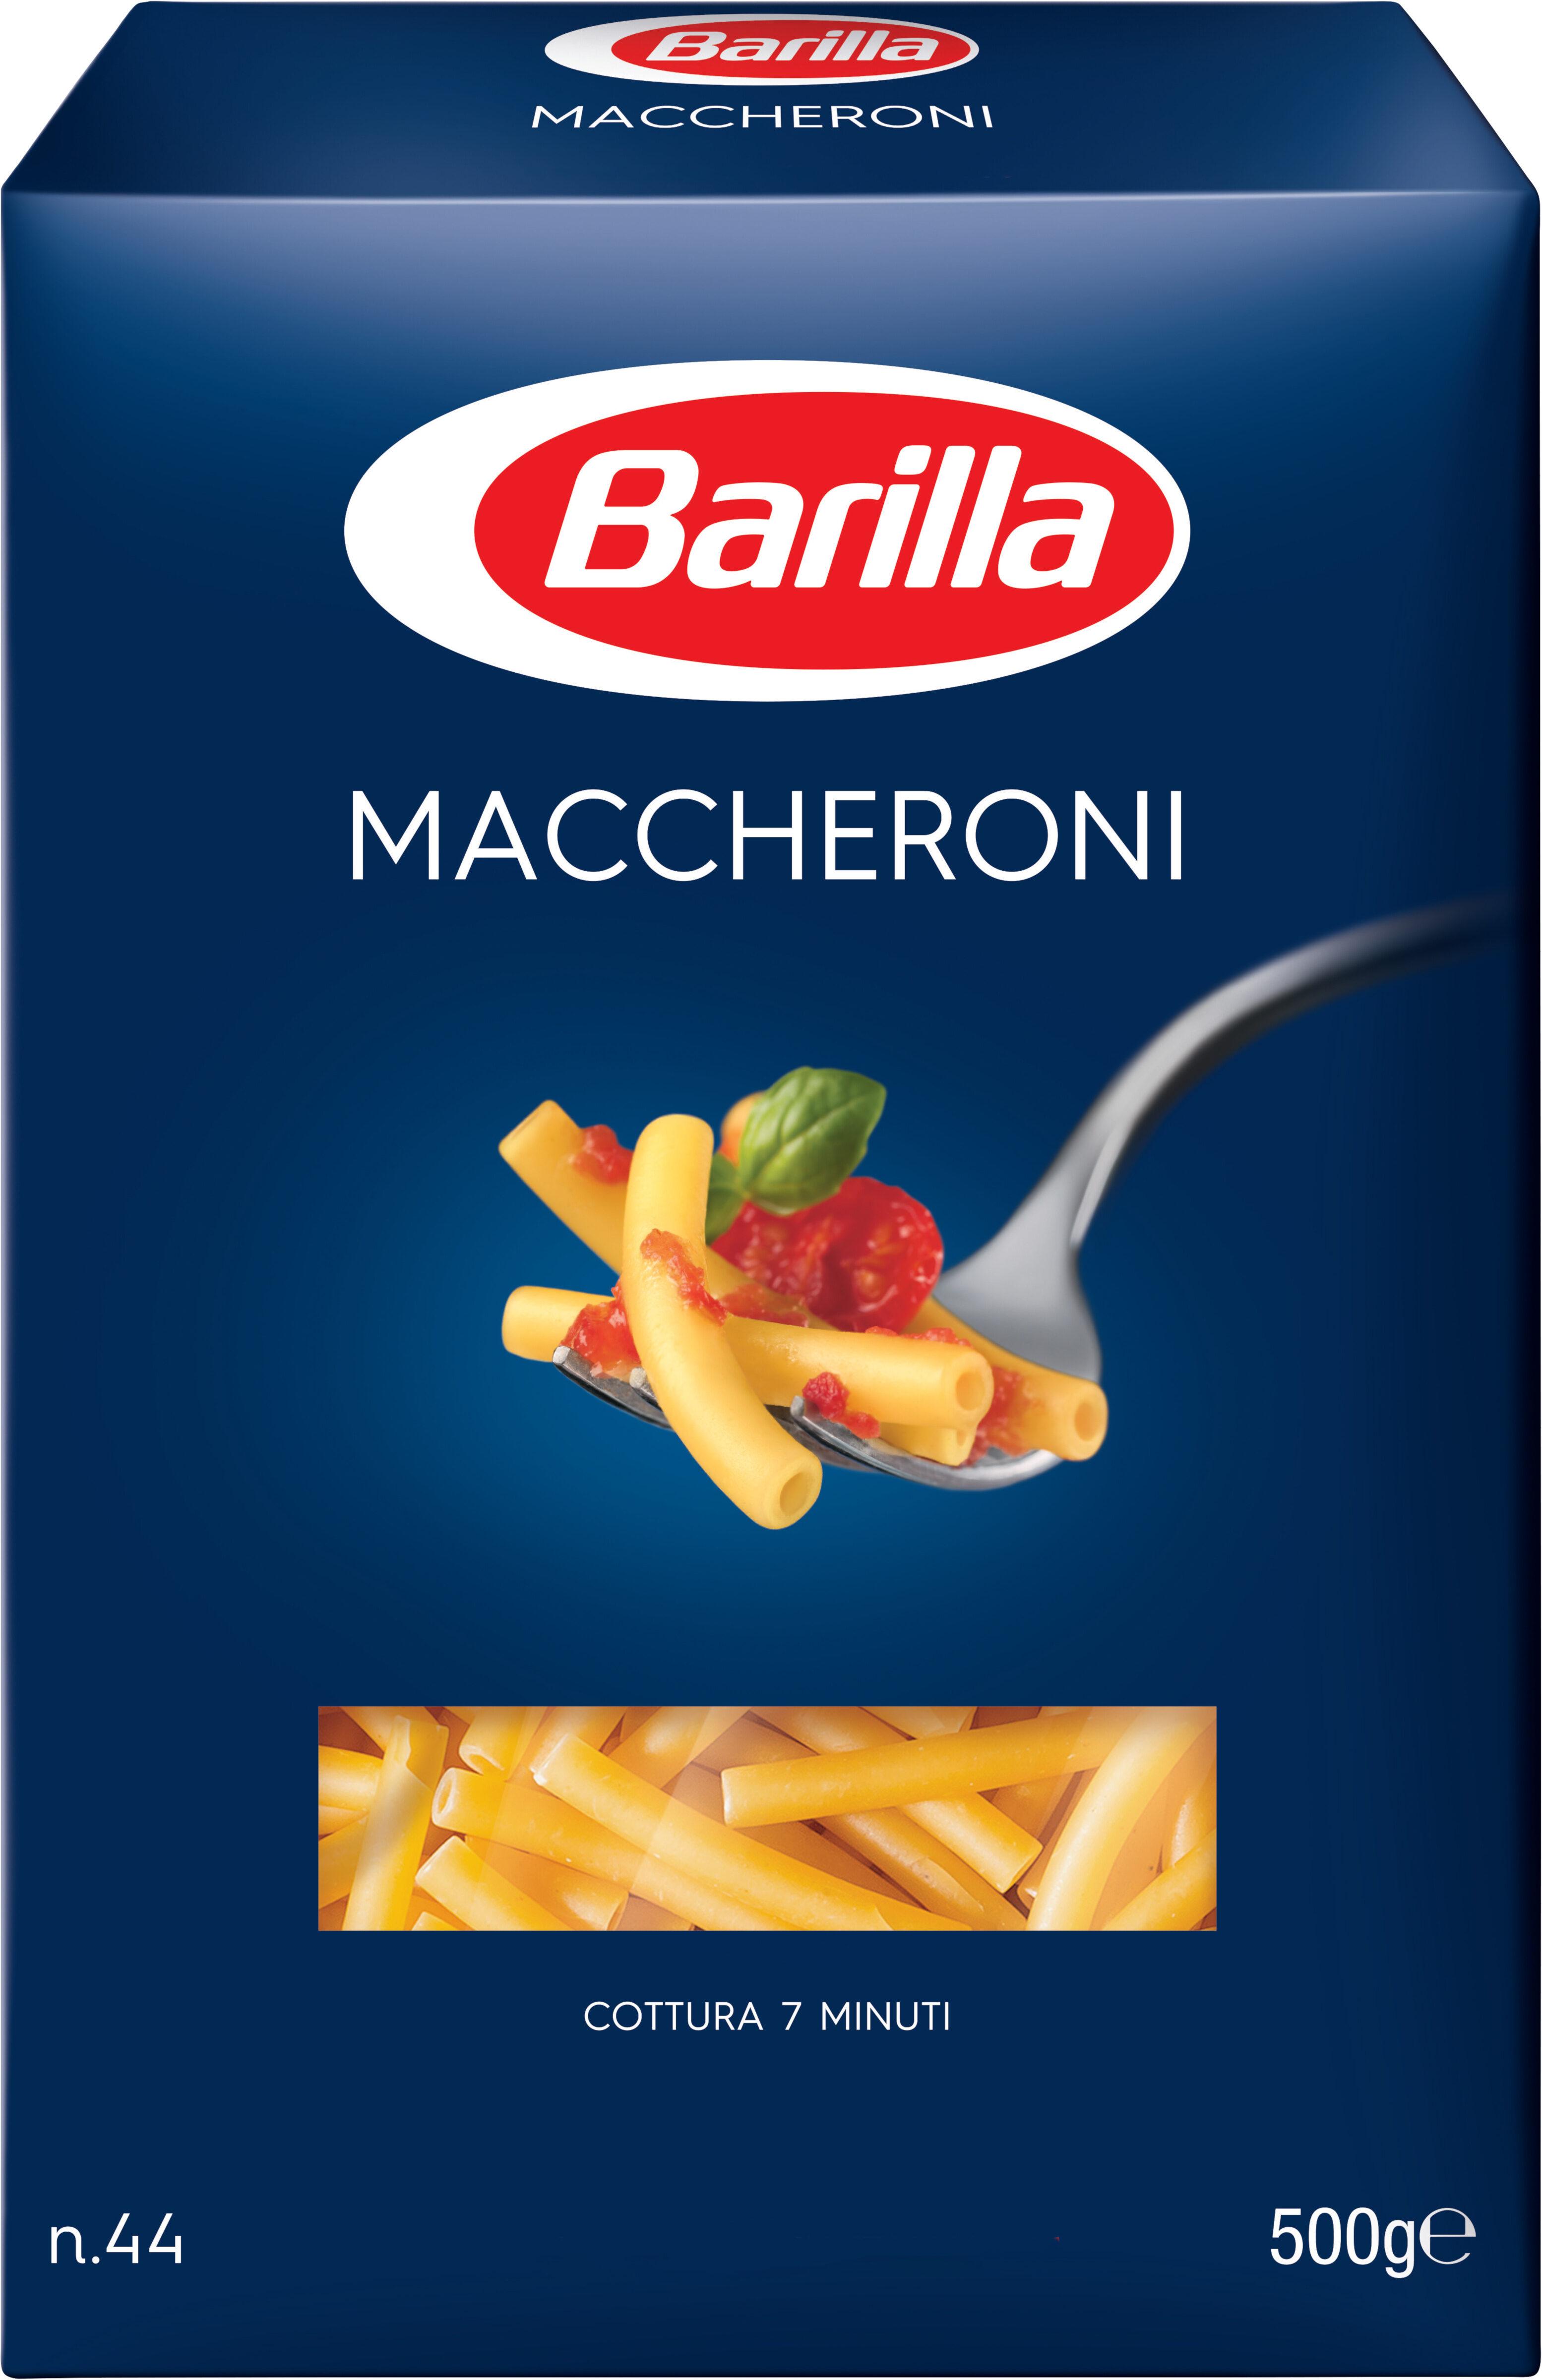 Pâtes Maccheroni - Product - fr